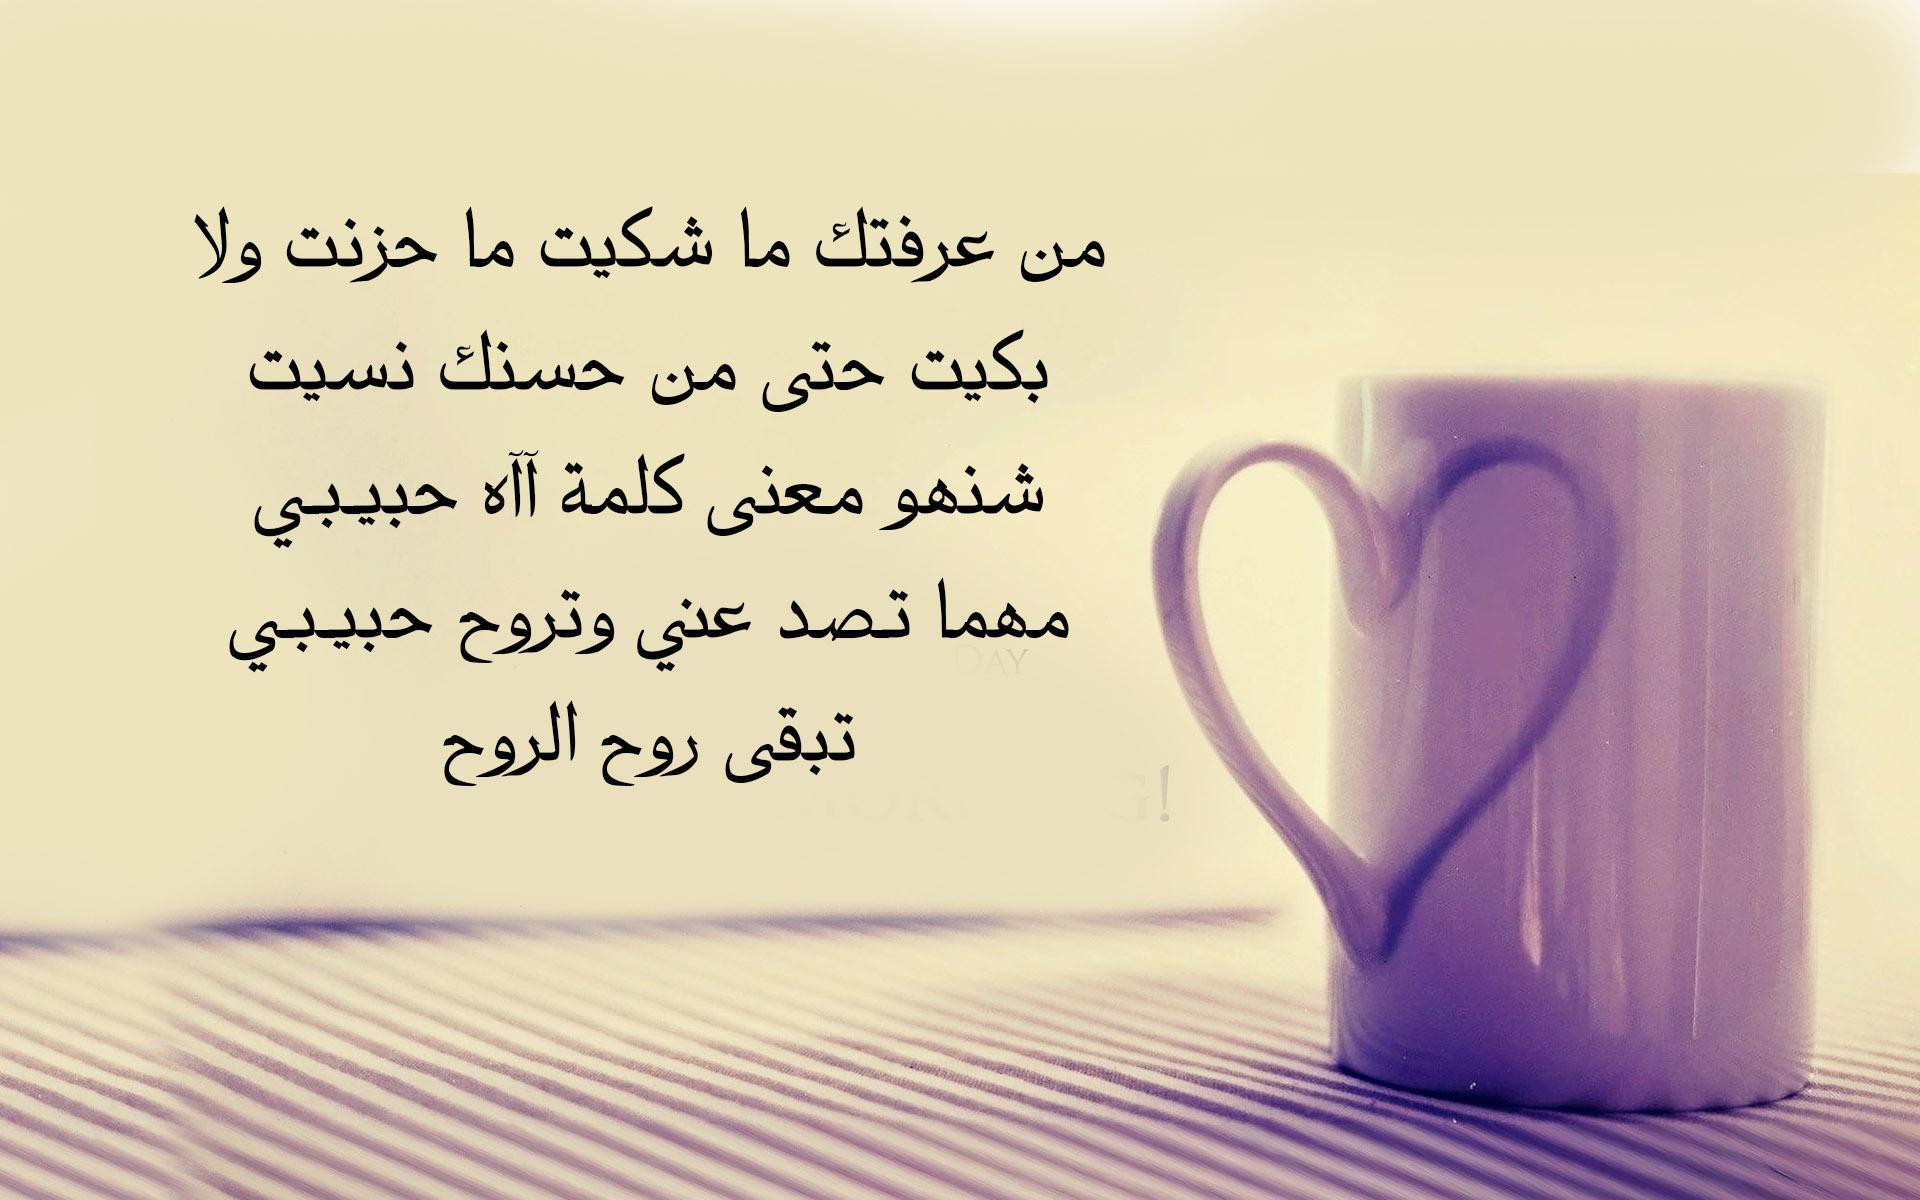 بالصور قصيدة حب للحبيب , صور لقصيدة حب للحبيب 3902 2